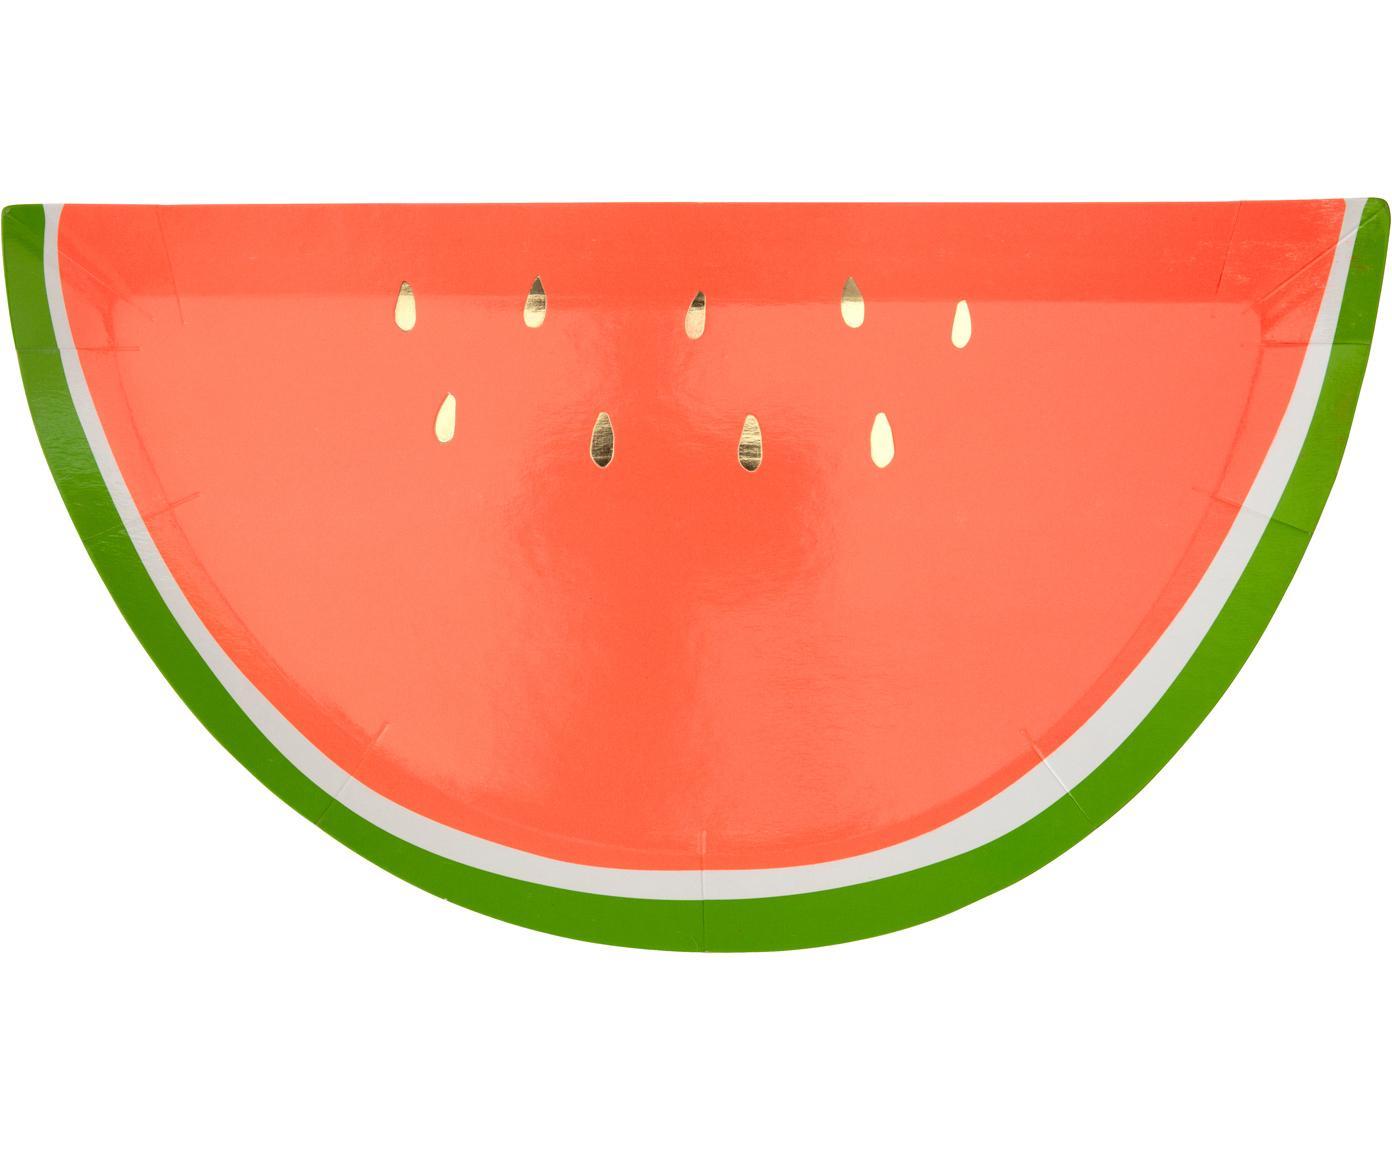 Papieren borden Watermelon, 8 stuks, Gecoat papier, Rood, groen, goudkleurig, B 28 x D 15 cm